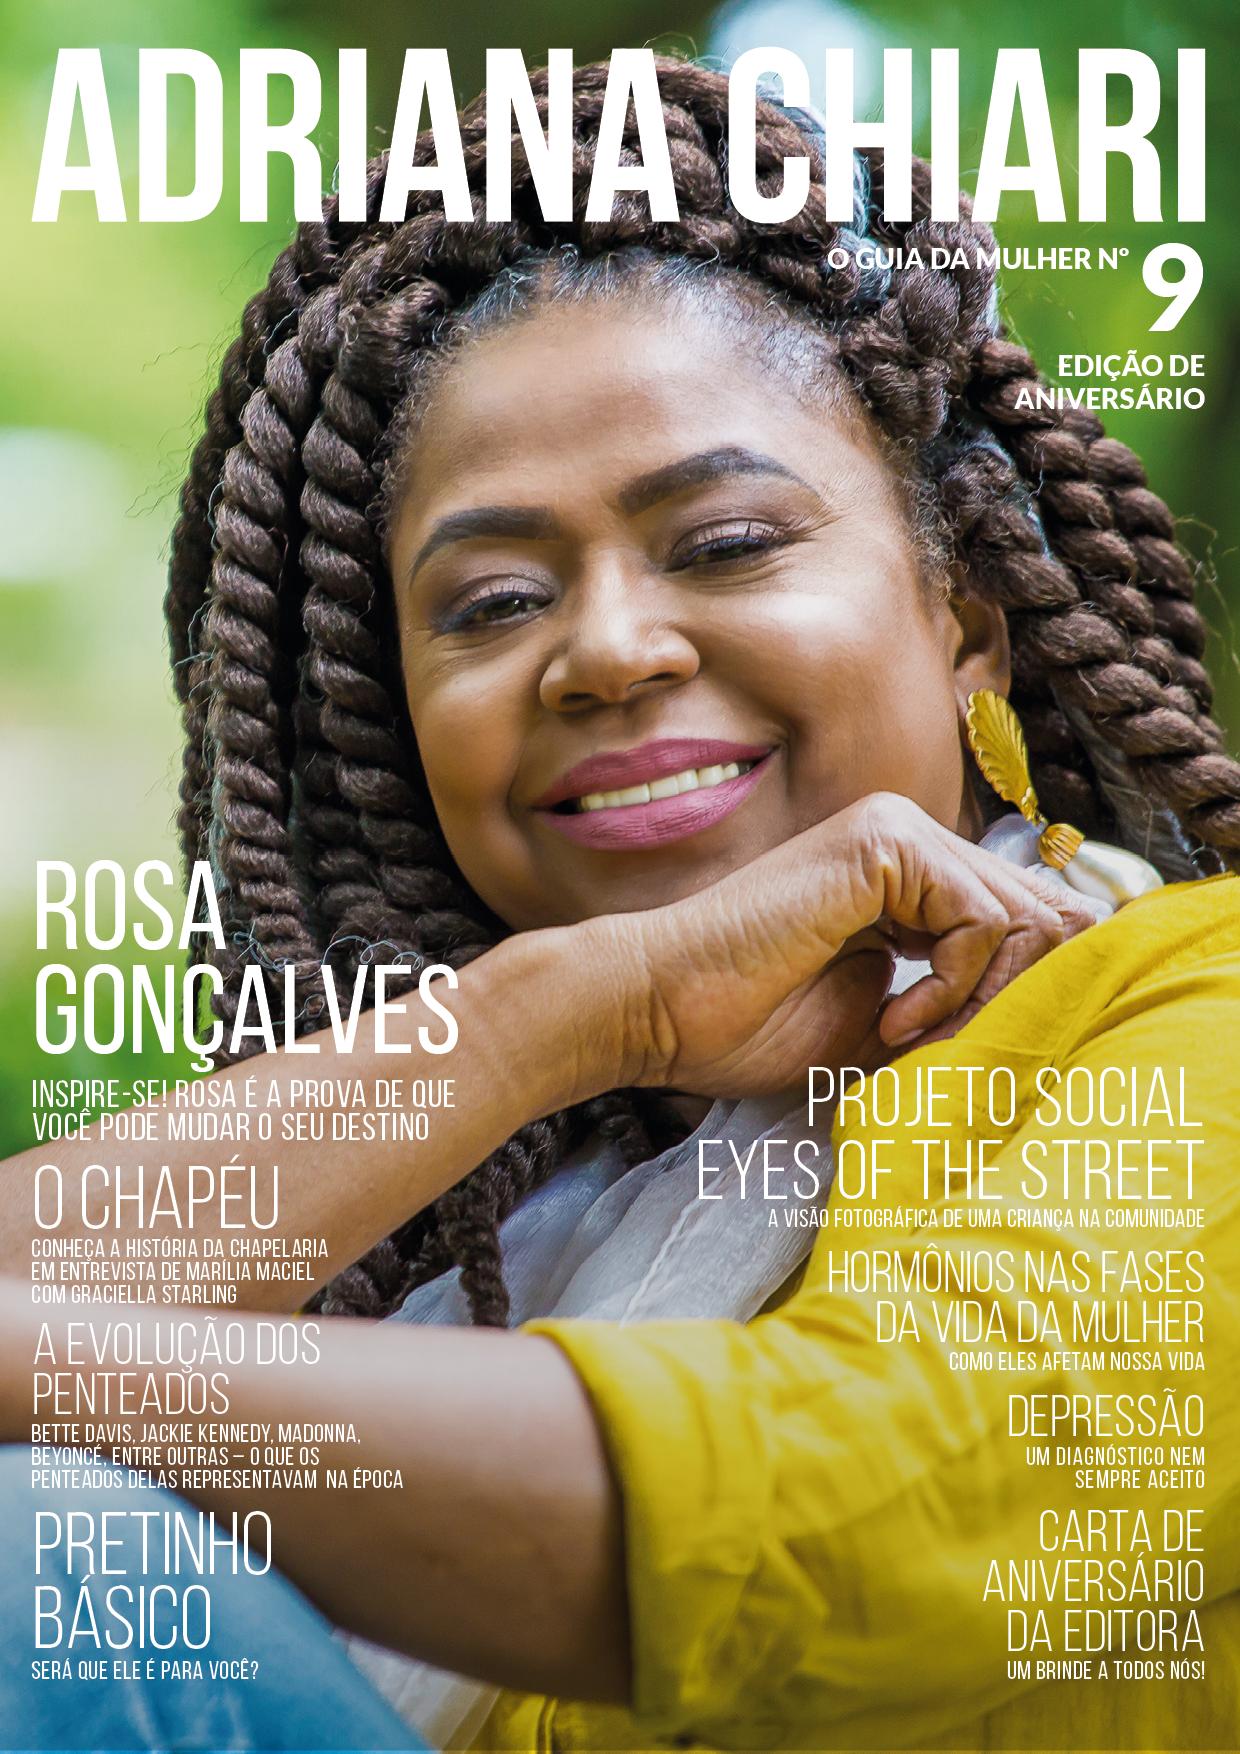 9ª Edição Adriana Chiari Magazine - Agosto - 2017